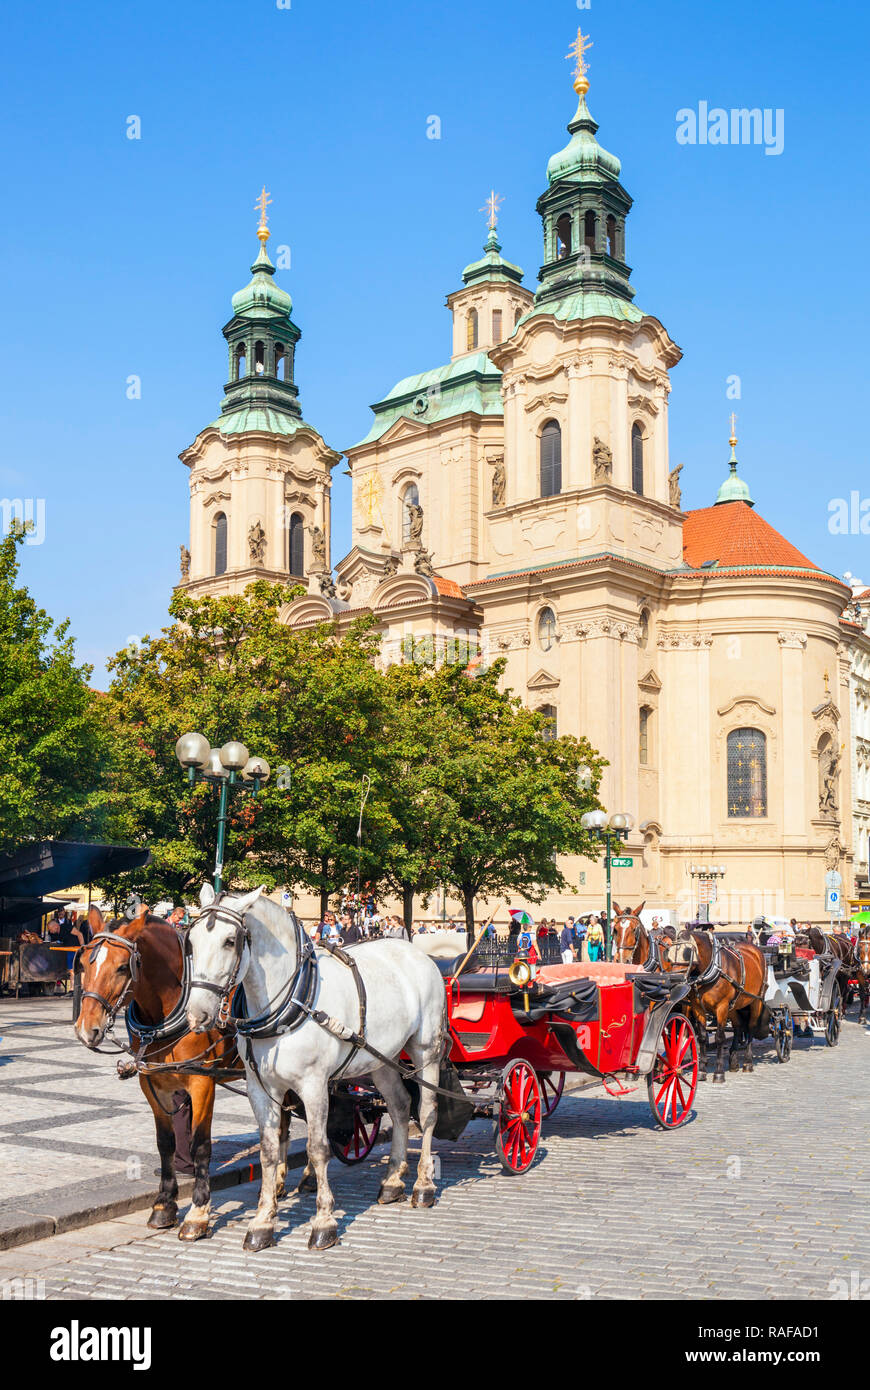 Prague St Nicholas church Prague and carriage rides from the Old town square Staroměstské náměstí Prague Czech Republic Europe - Stock Image